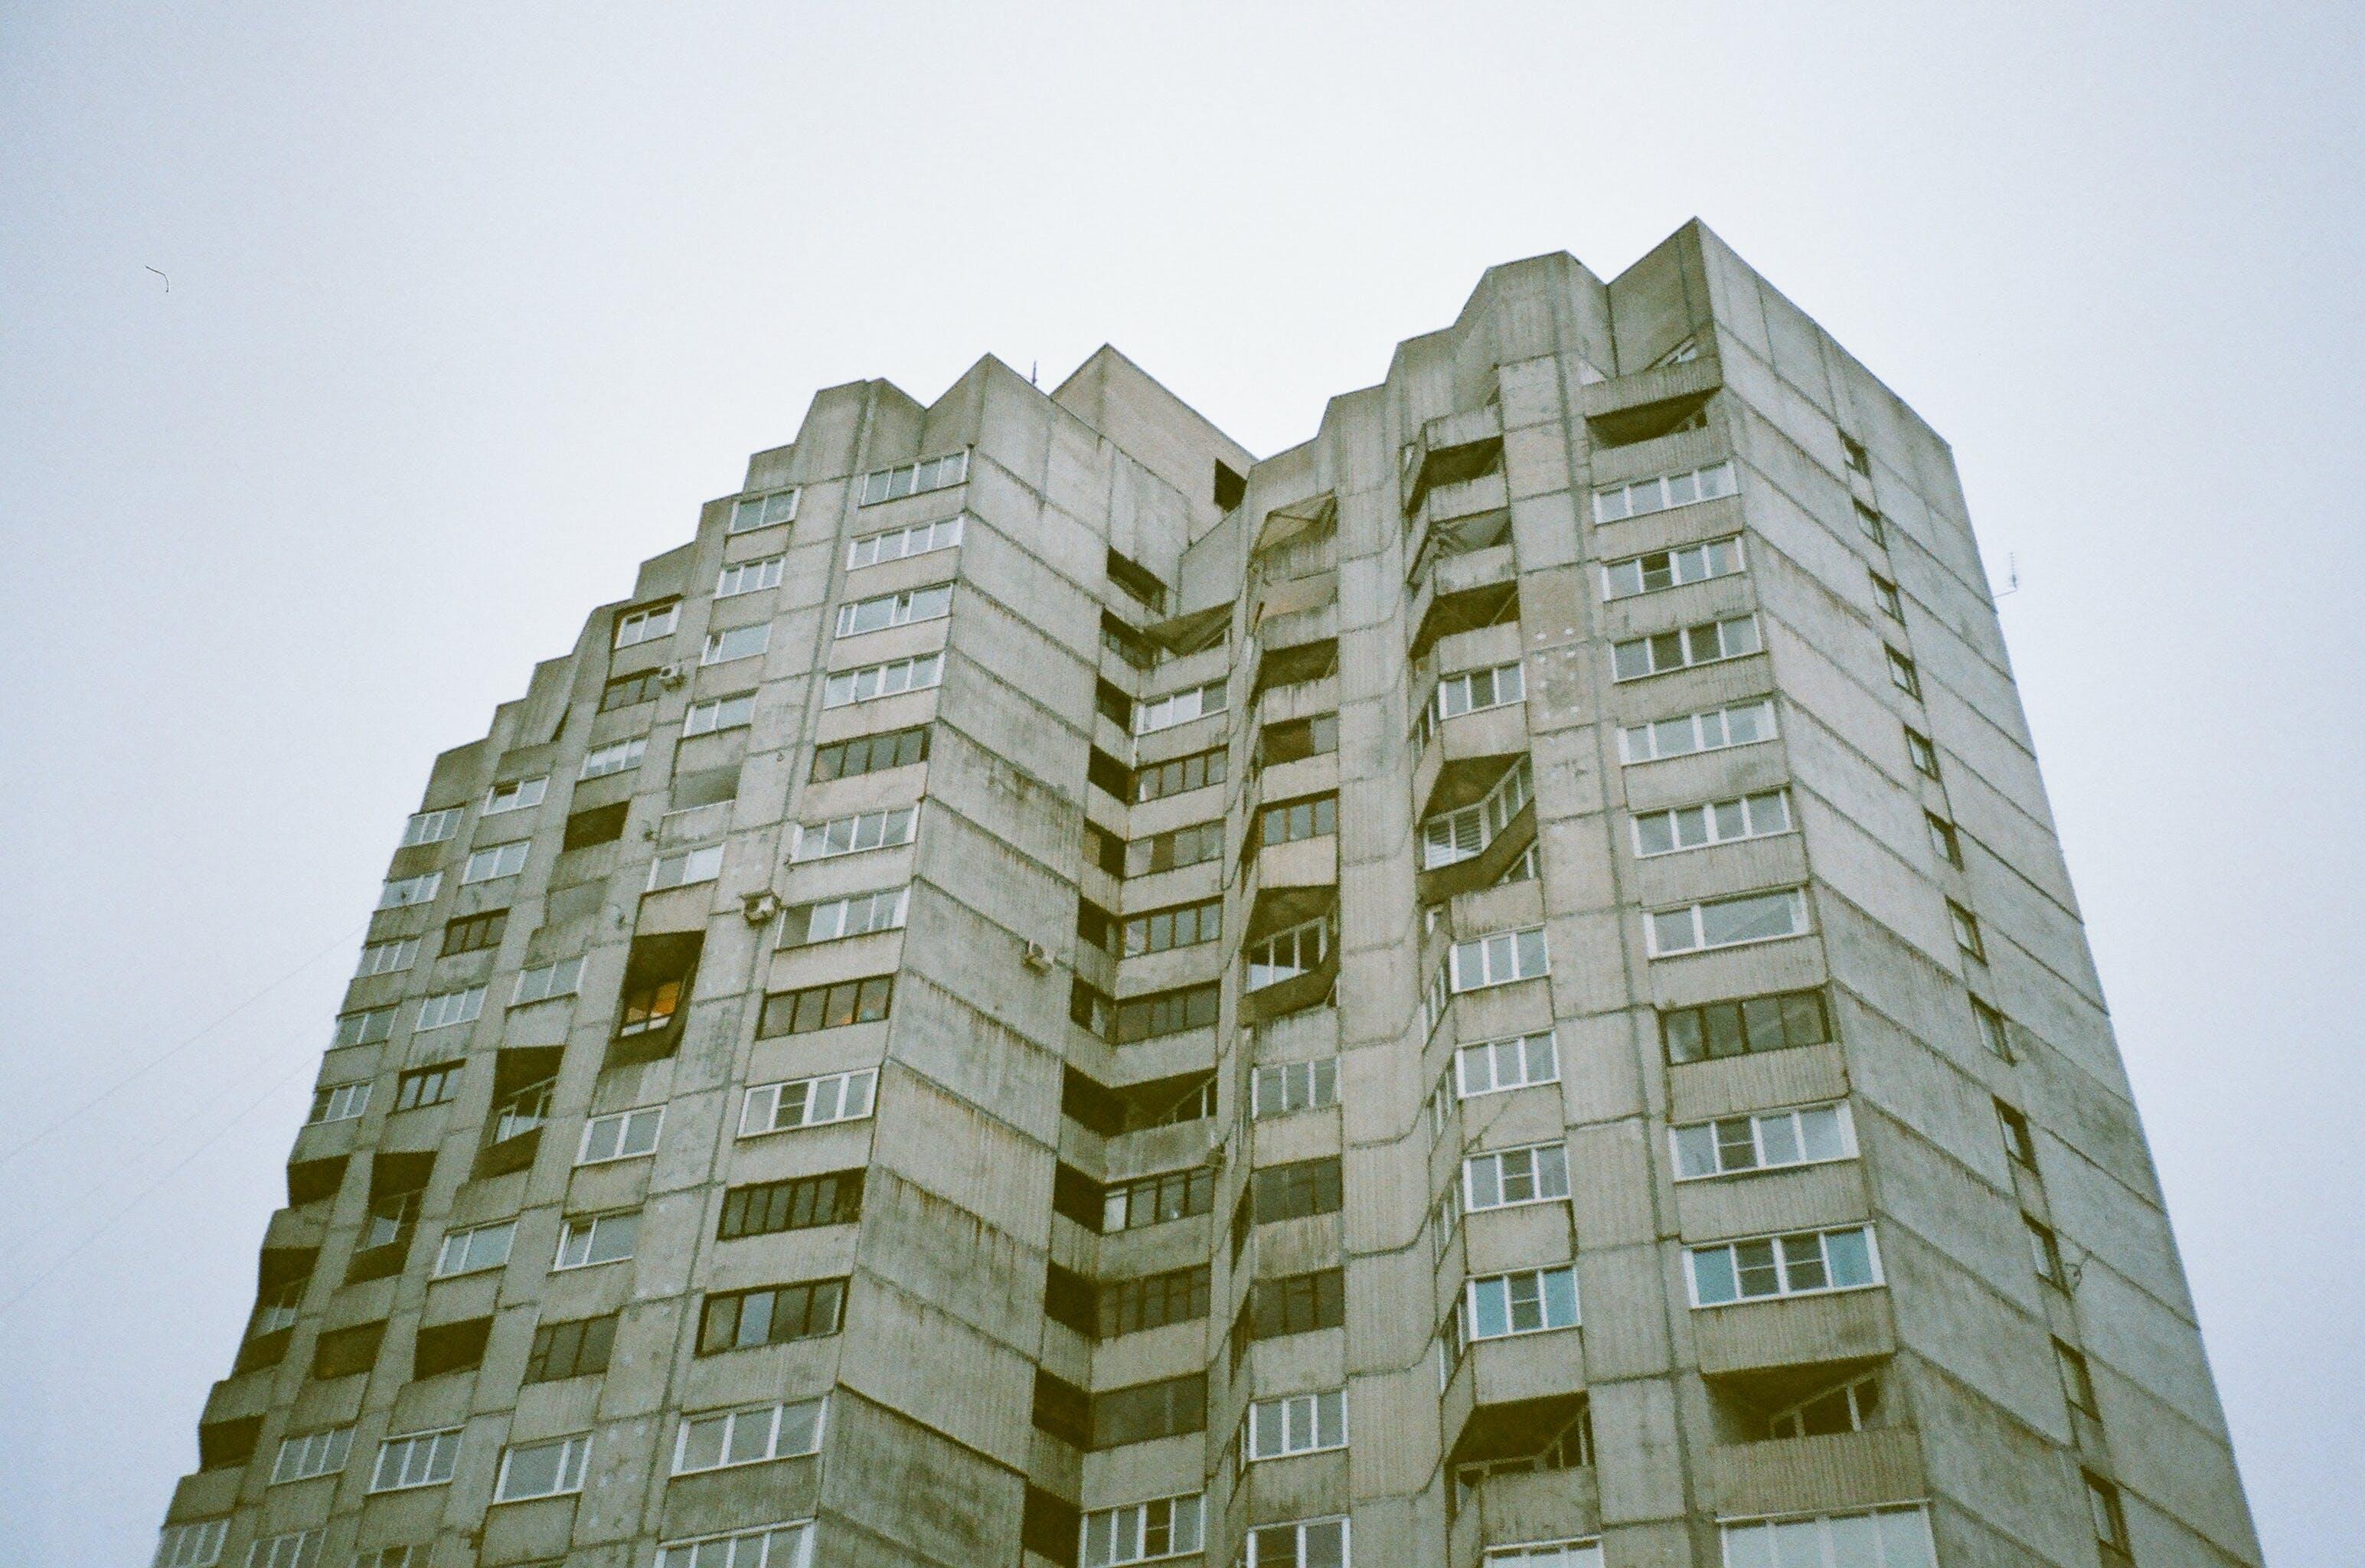 Ảnh lưu trữ miễn phí về các cửa sổ, chụp ảnh góc thấp, kiến trúc, quan điểm